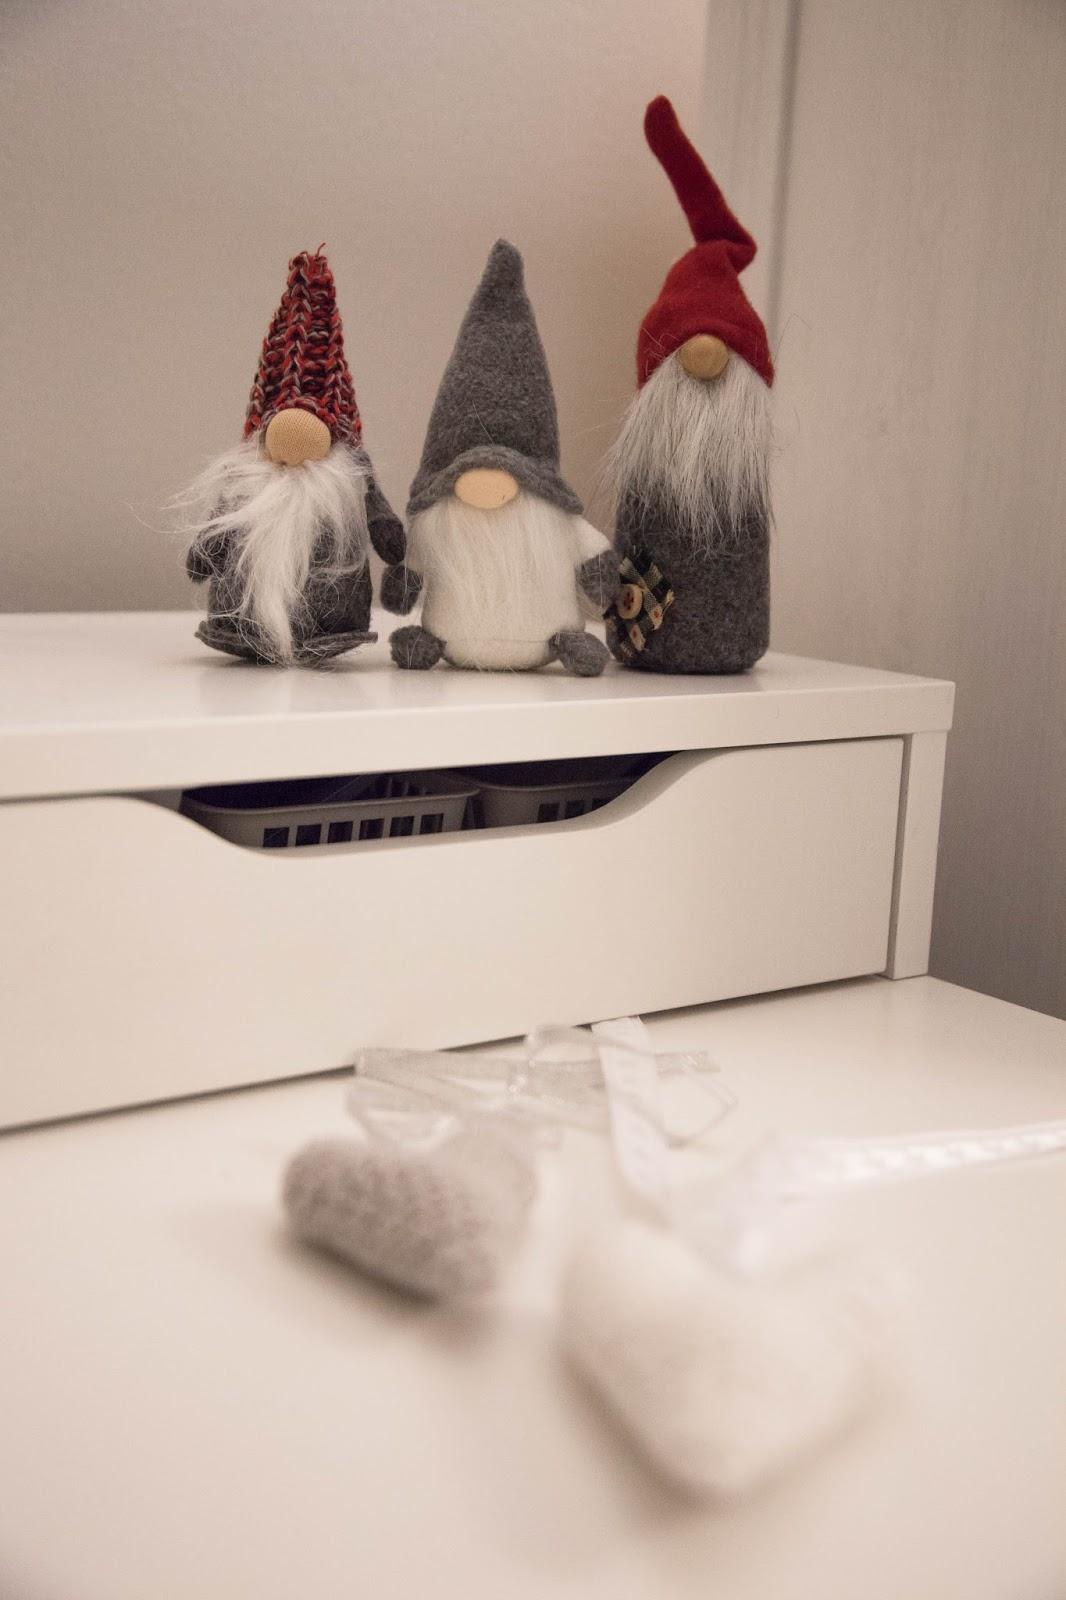 virkattu sydän käsityöblogien joulukalenteri